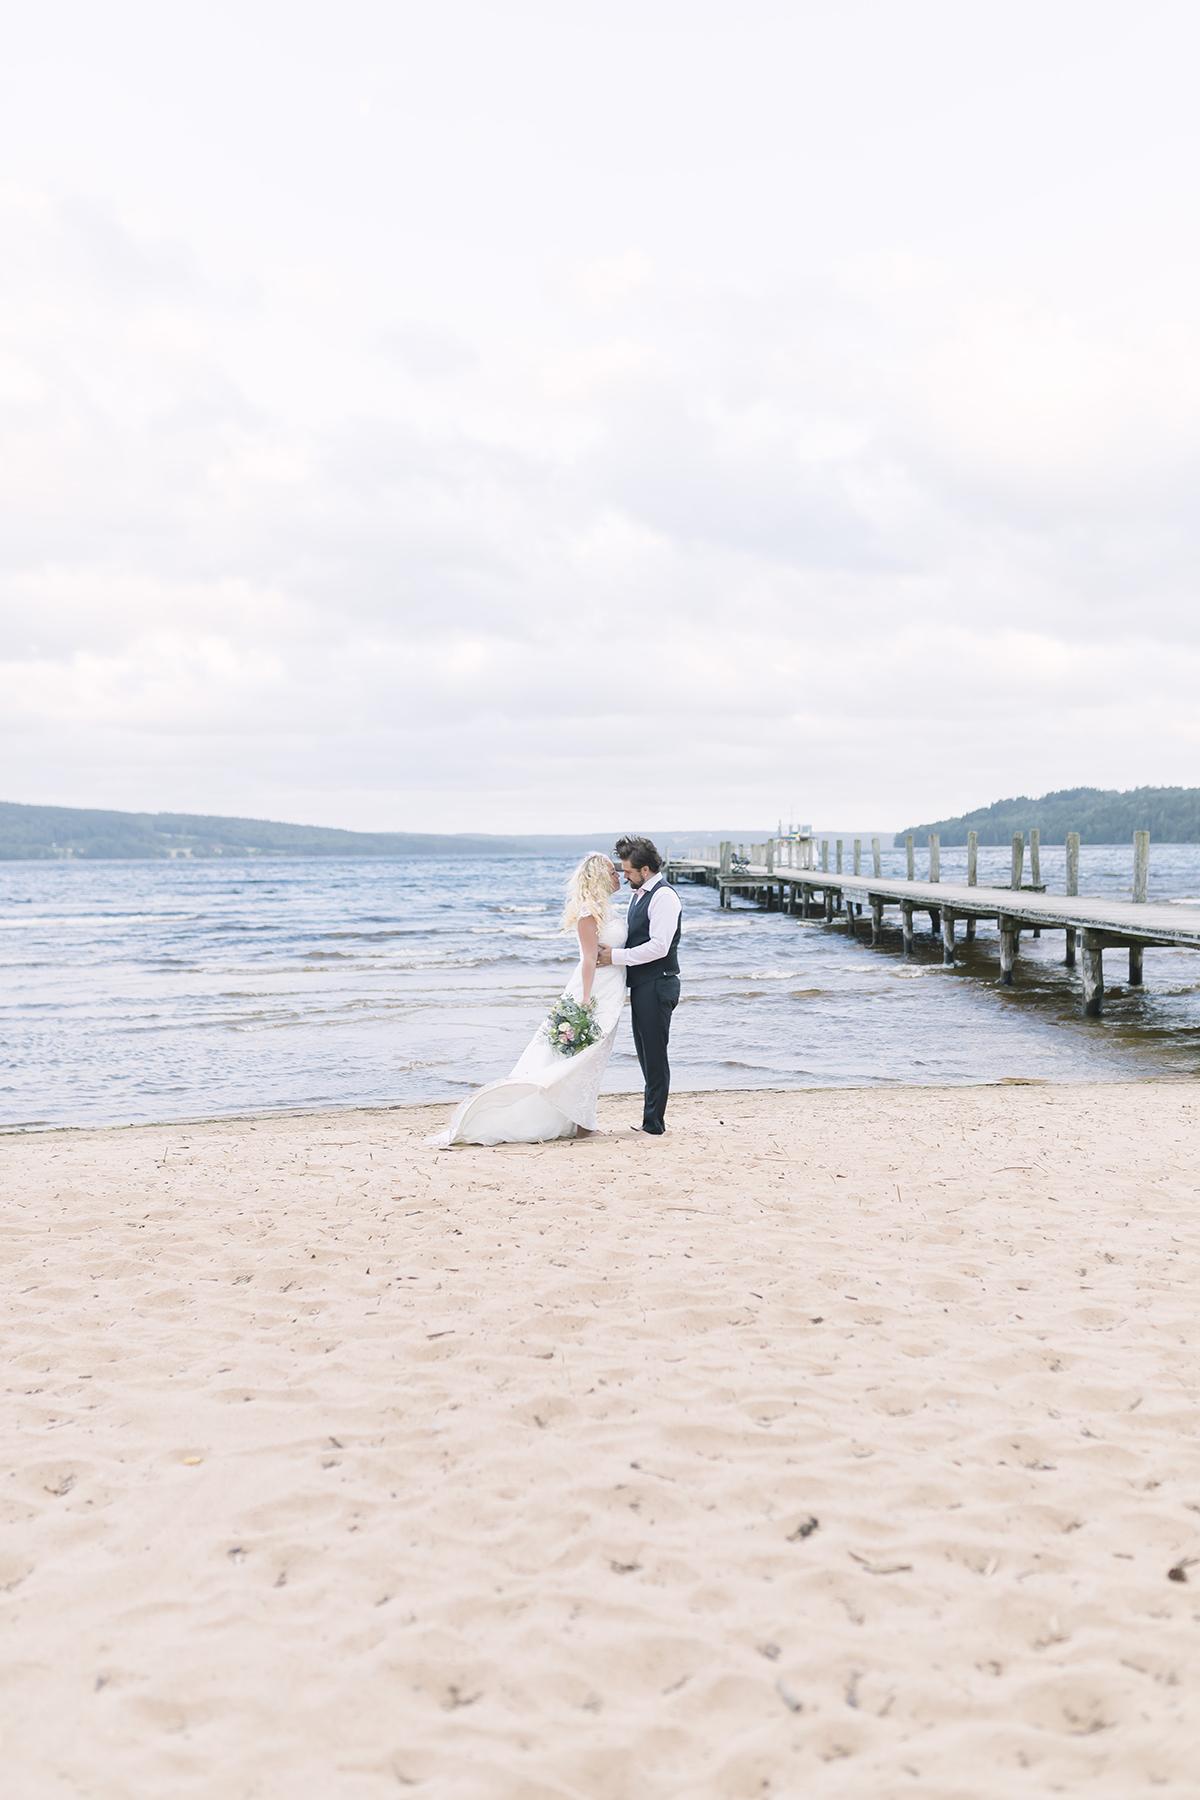 Bröllopsfotograf_göteborg_öcerkö_hönö_västsverige_västkusten_premina_photography_fotograf_emma_ludvigsson9A4324